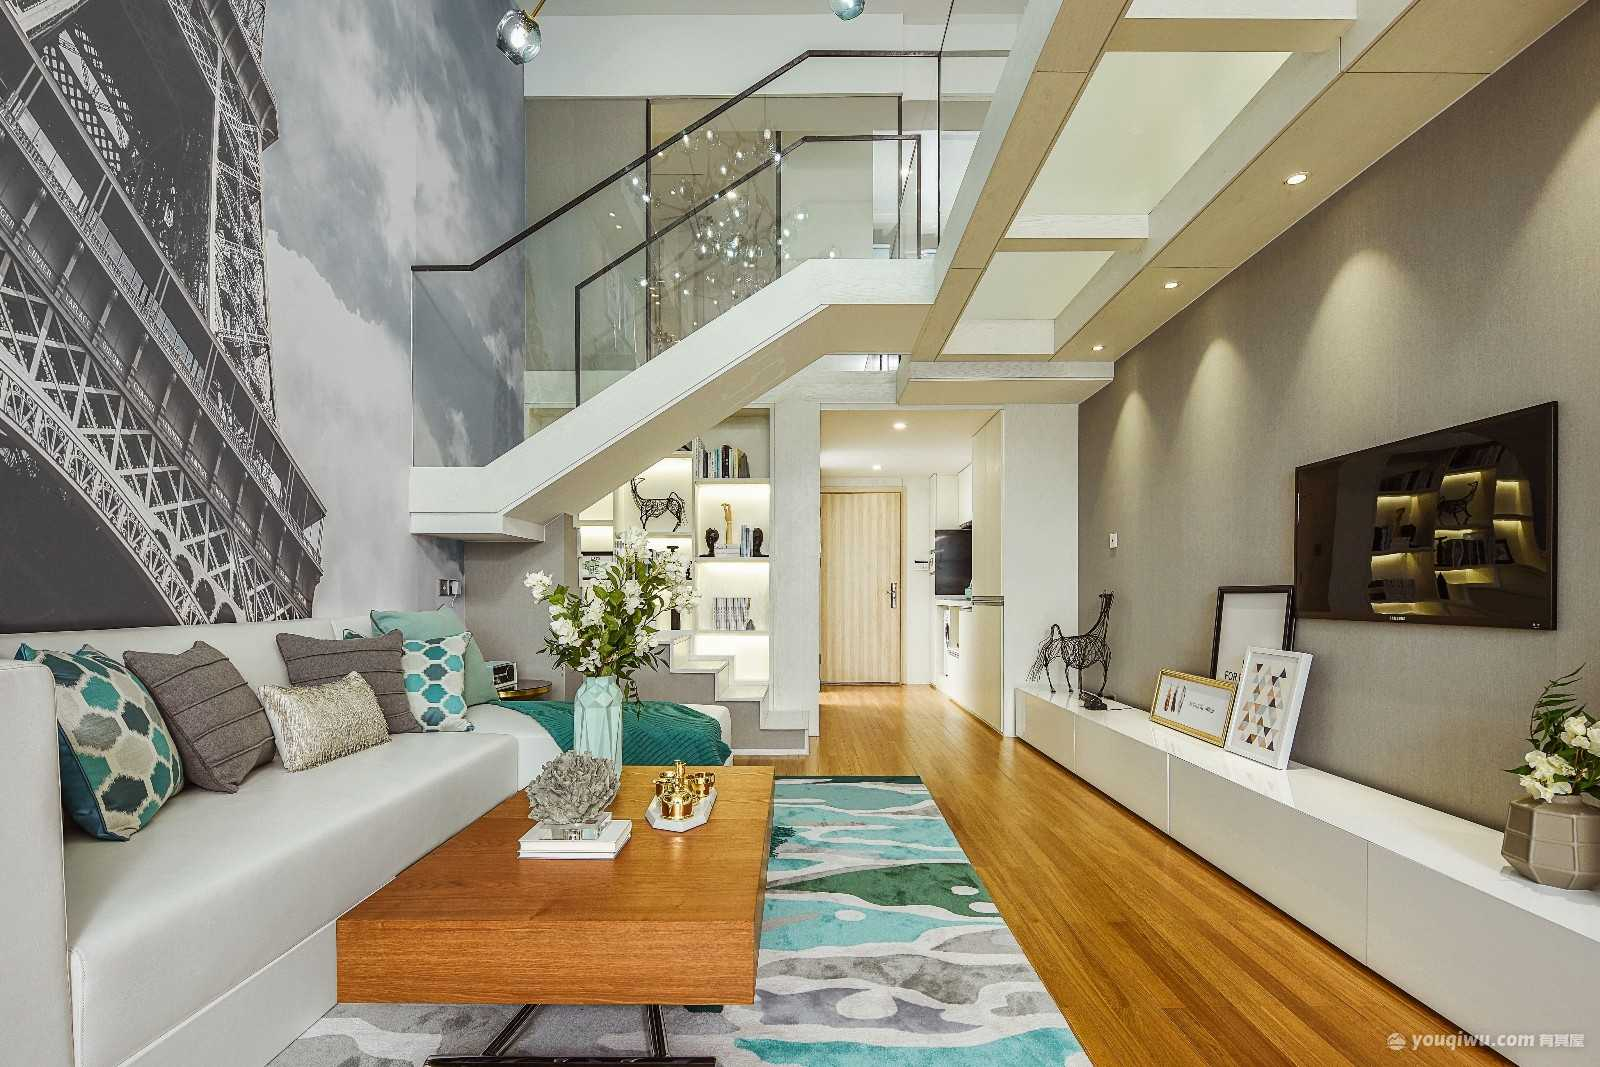 江北凤凰湾78平米两居室现代简约风格装修效果图